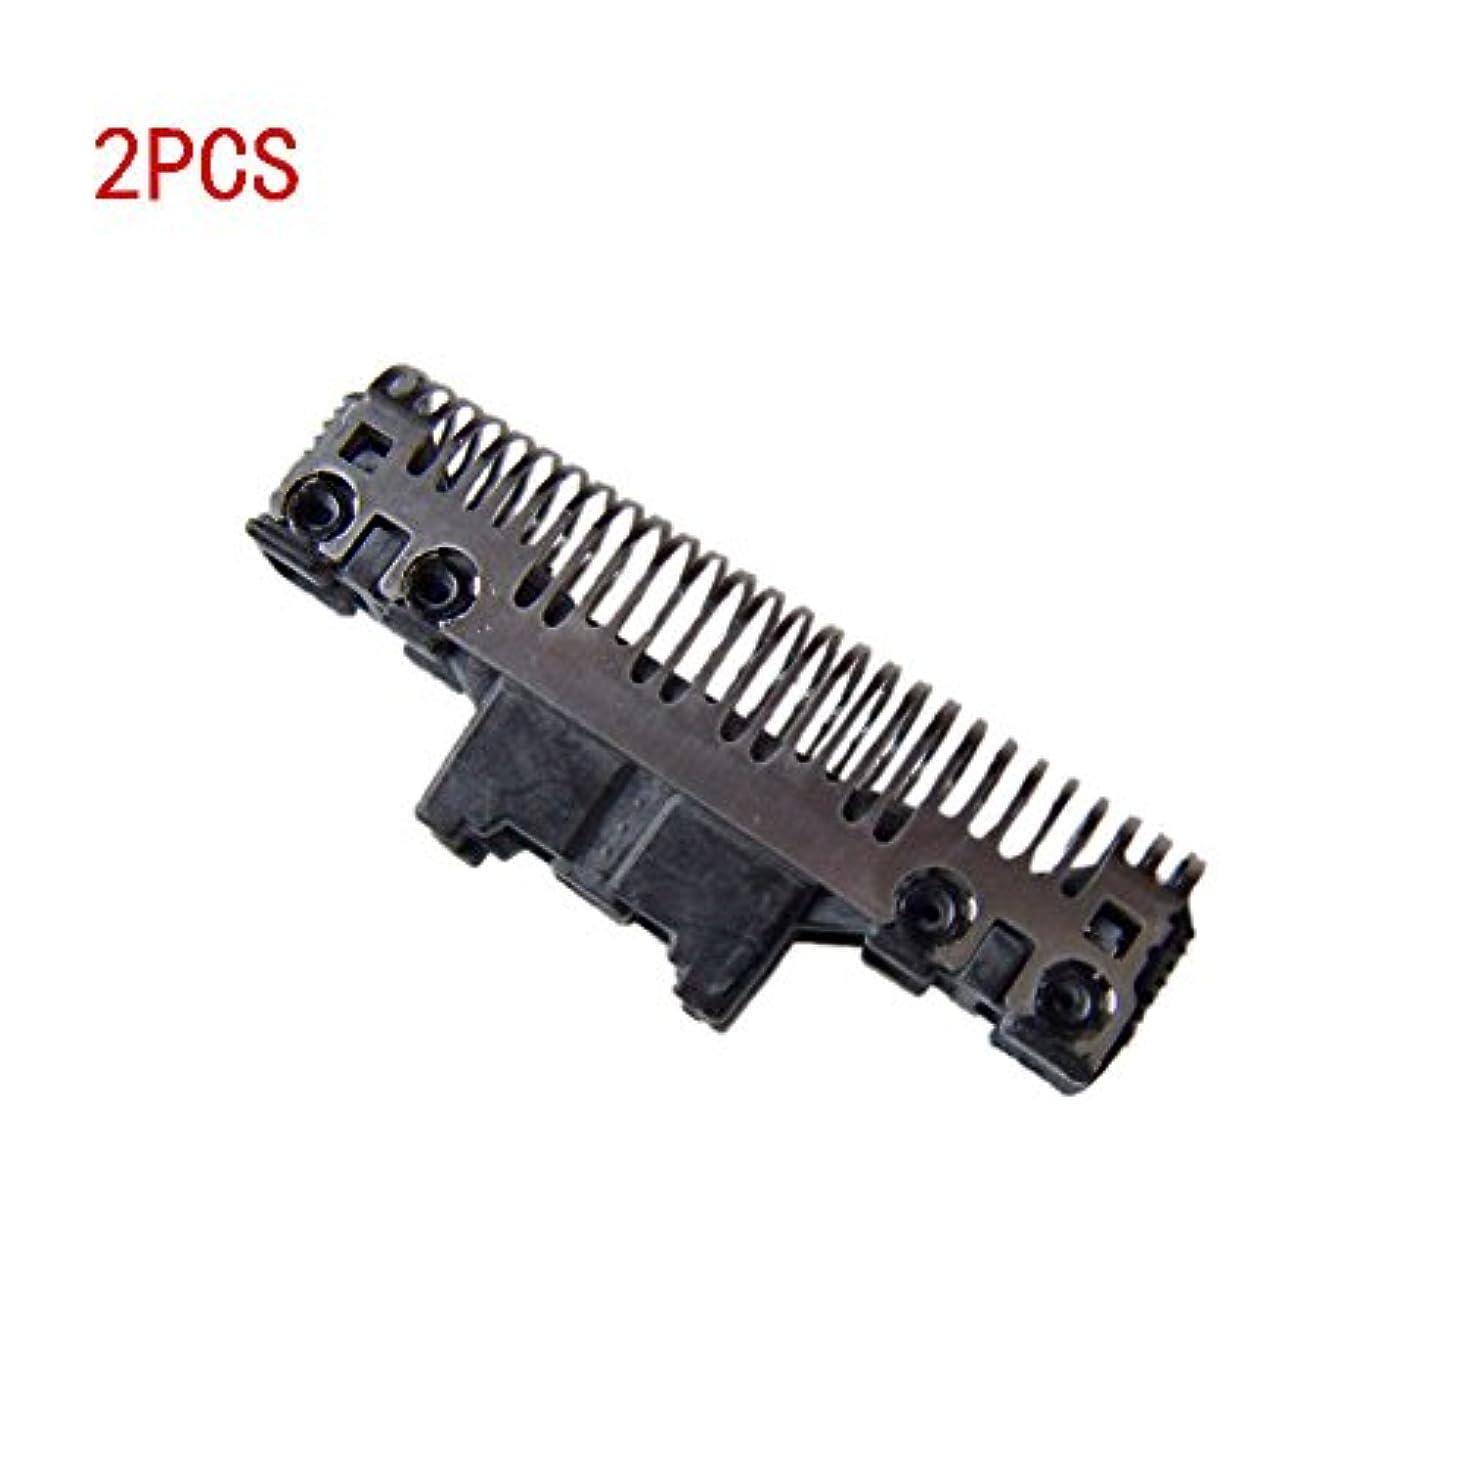 Janjunsi 回転式シェーバー シェーバーパーツ シェーバー 交換用 替刃 内刃 耐用 for Panasonic ES9072/7021/7022/7023/7026/7027/7006/7007